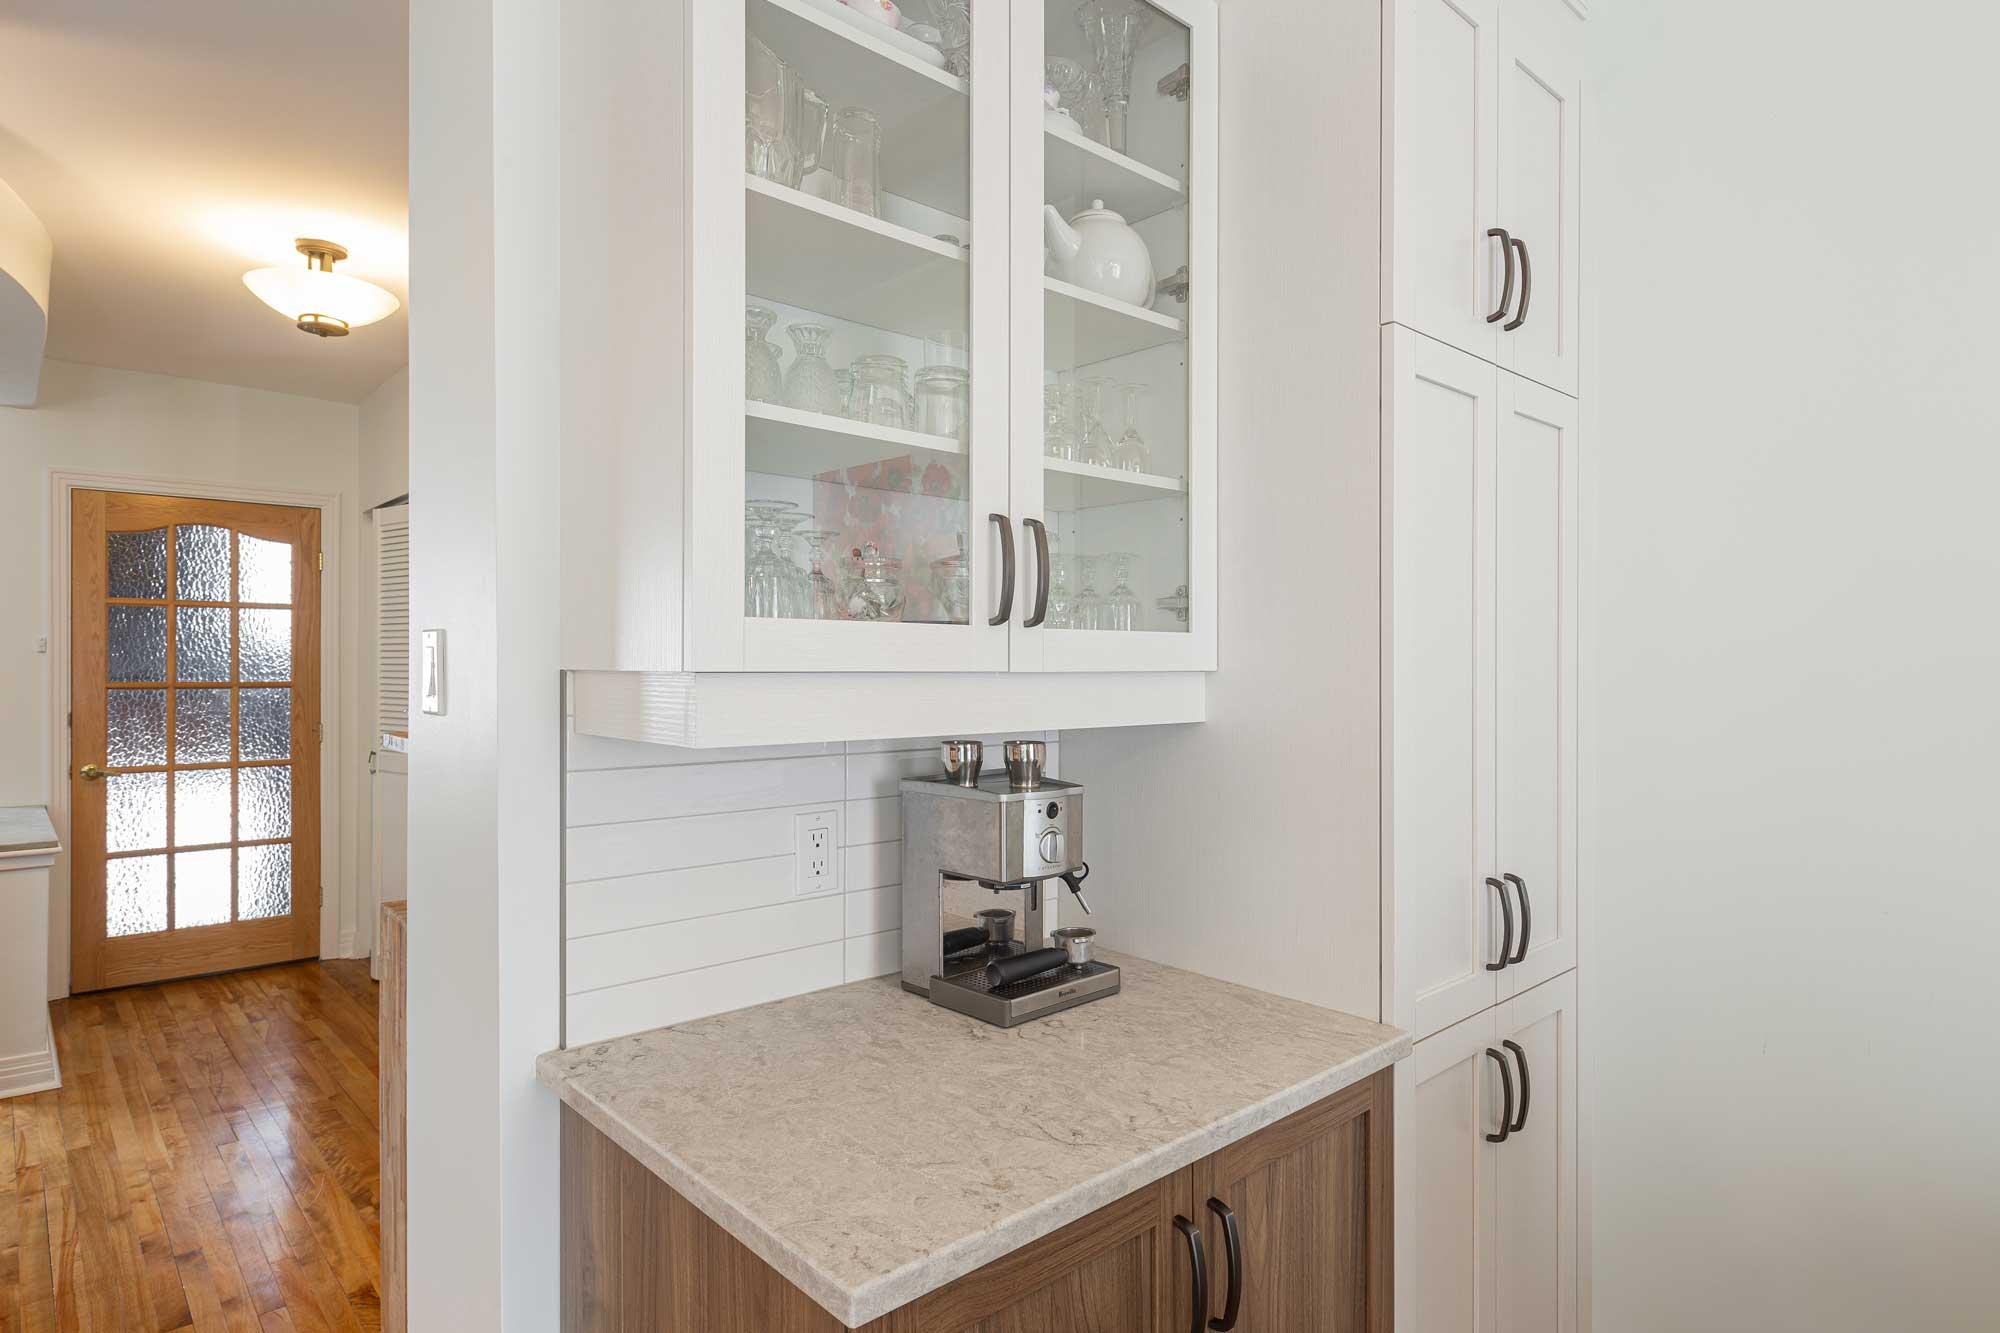 coin café dans cuisine moderne avec armoire vitrée